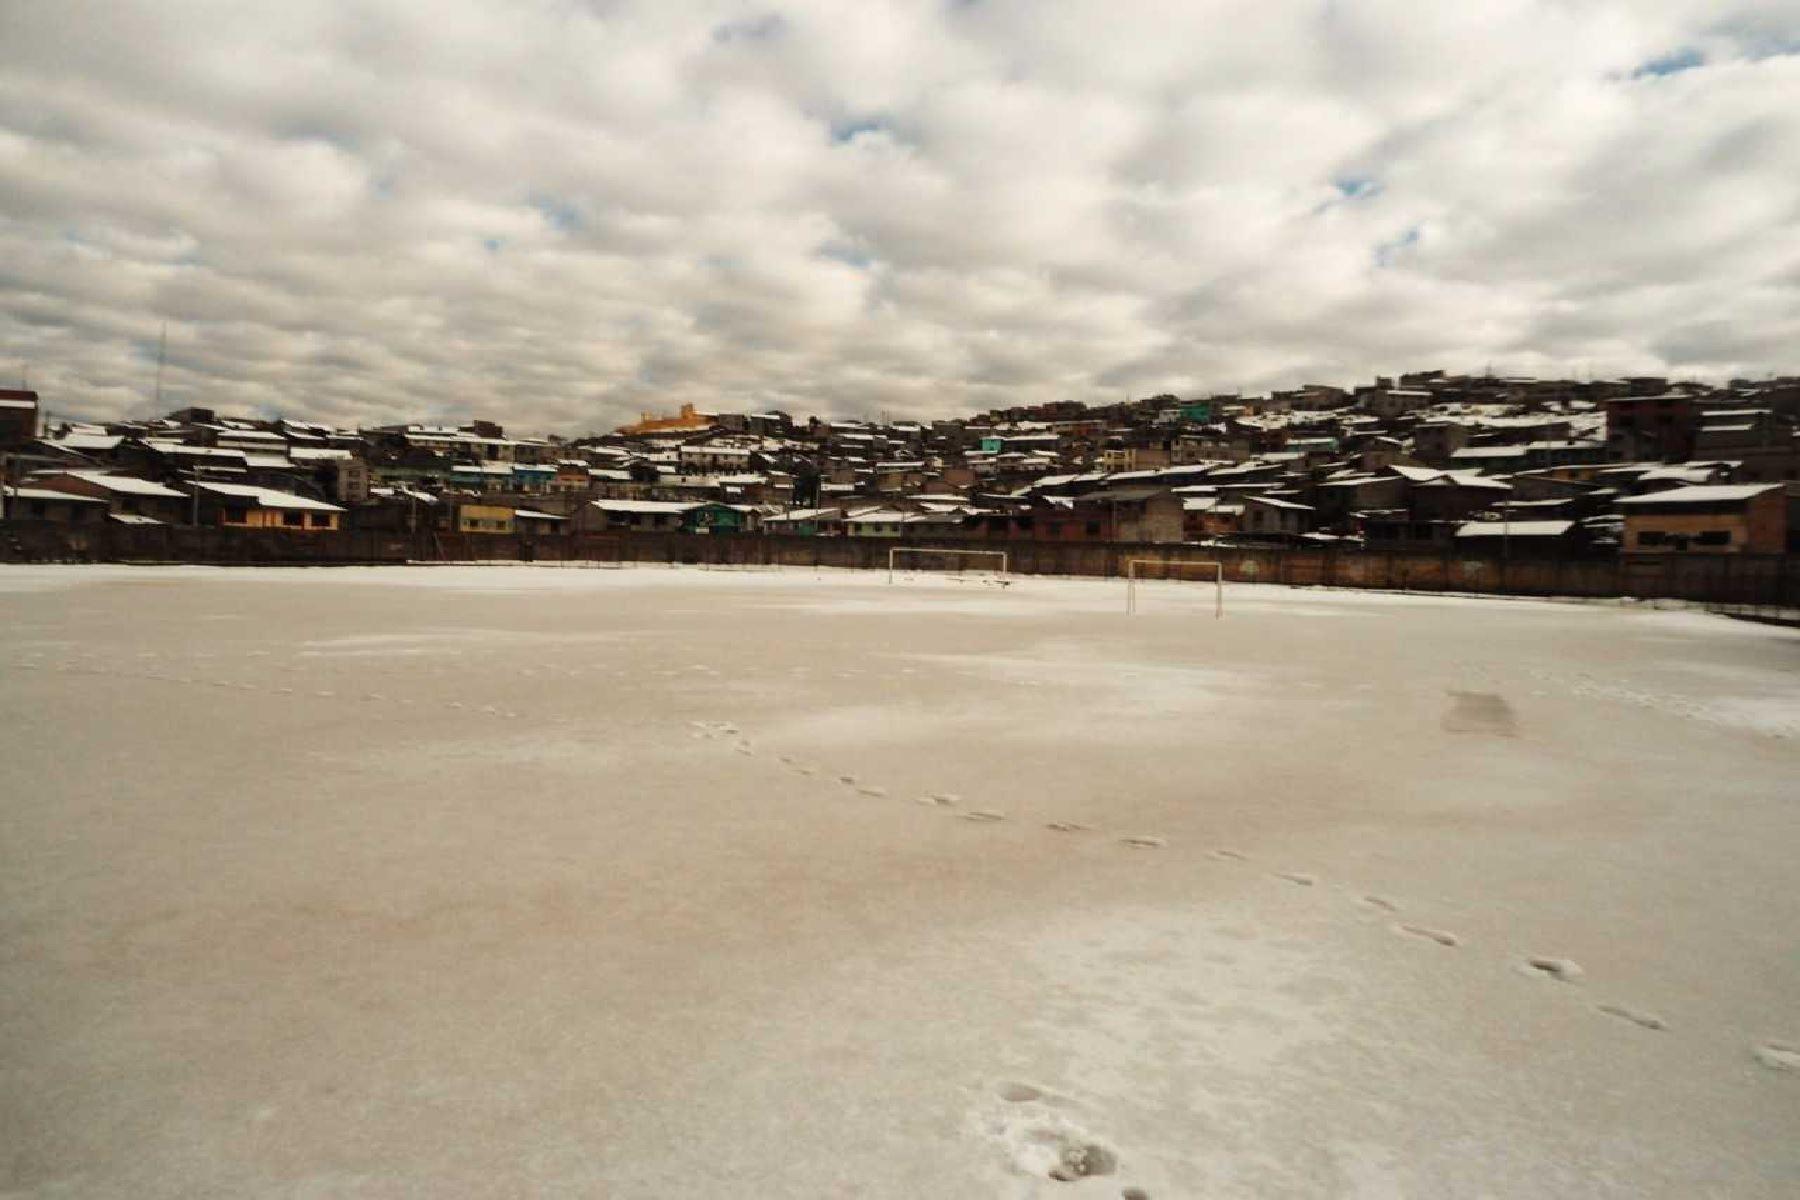 Cerro de Pasco soportó más de 10 horas de intensa nevada